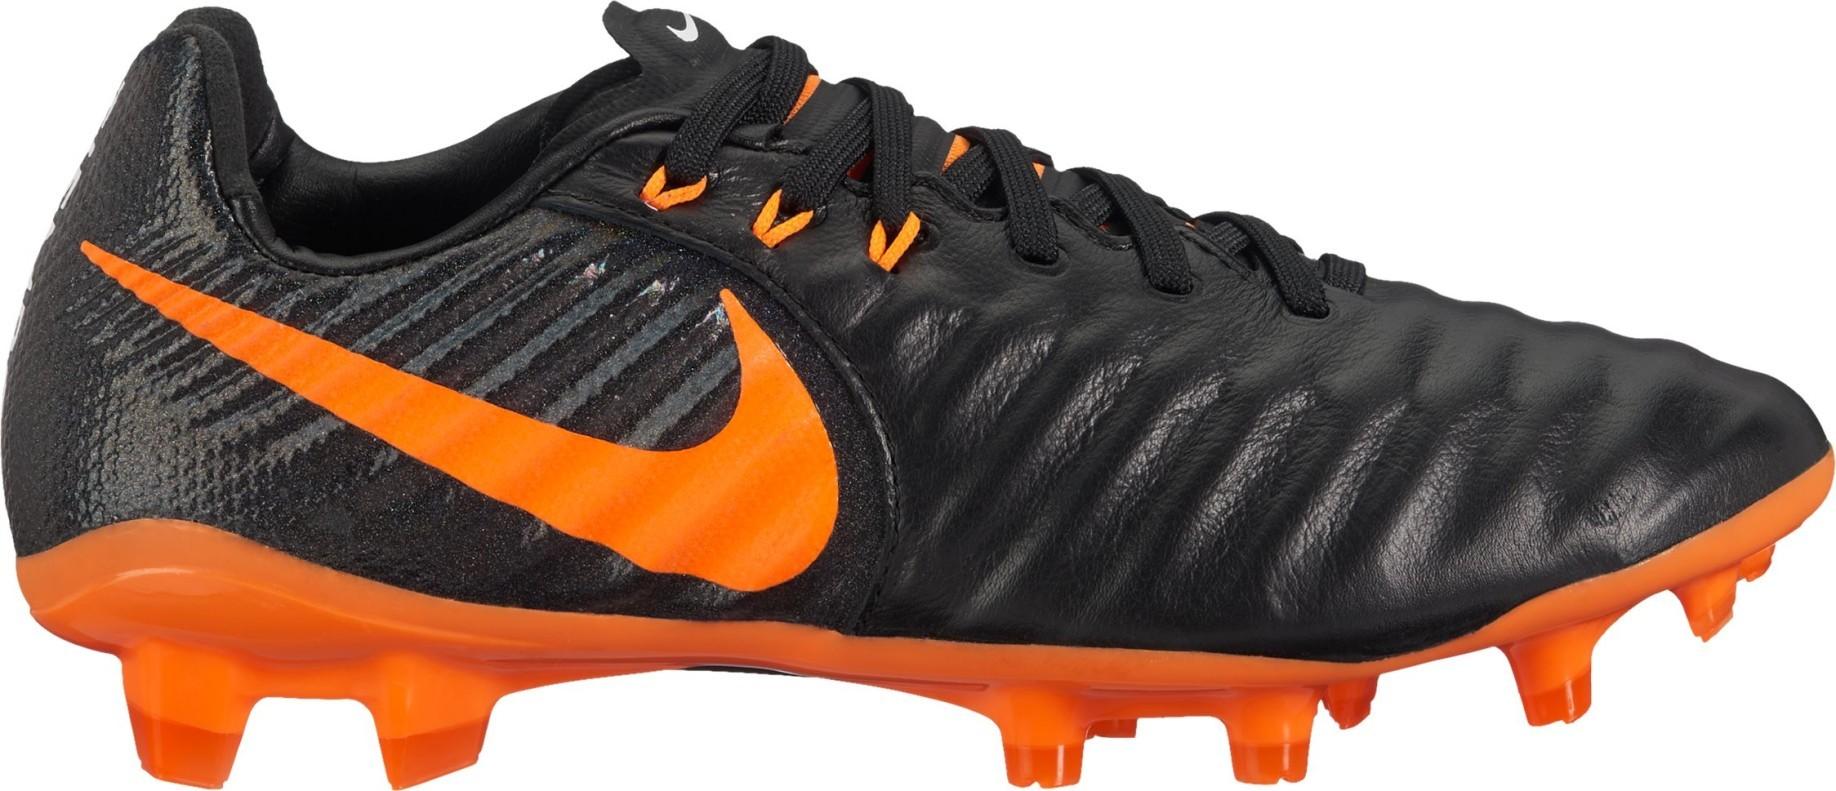 Scarpe Calcio Bambino Nike Tiempo Legend AF VII Elite FG Fast AF Legend Pack fb4e9d